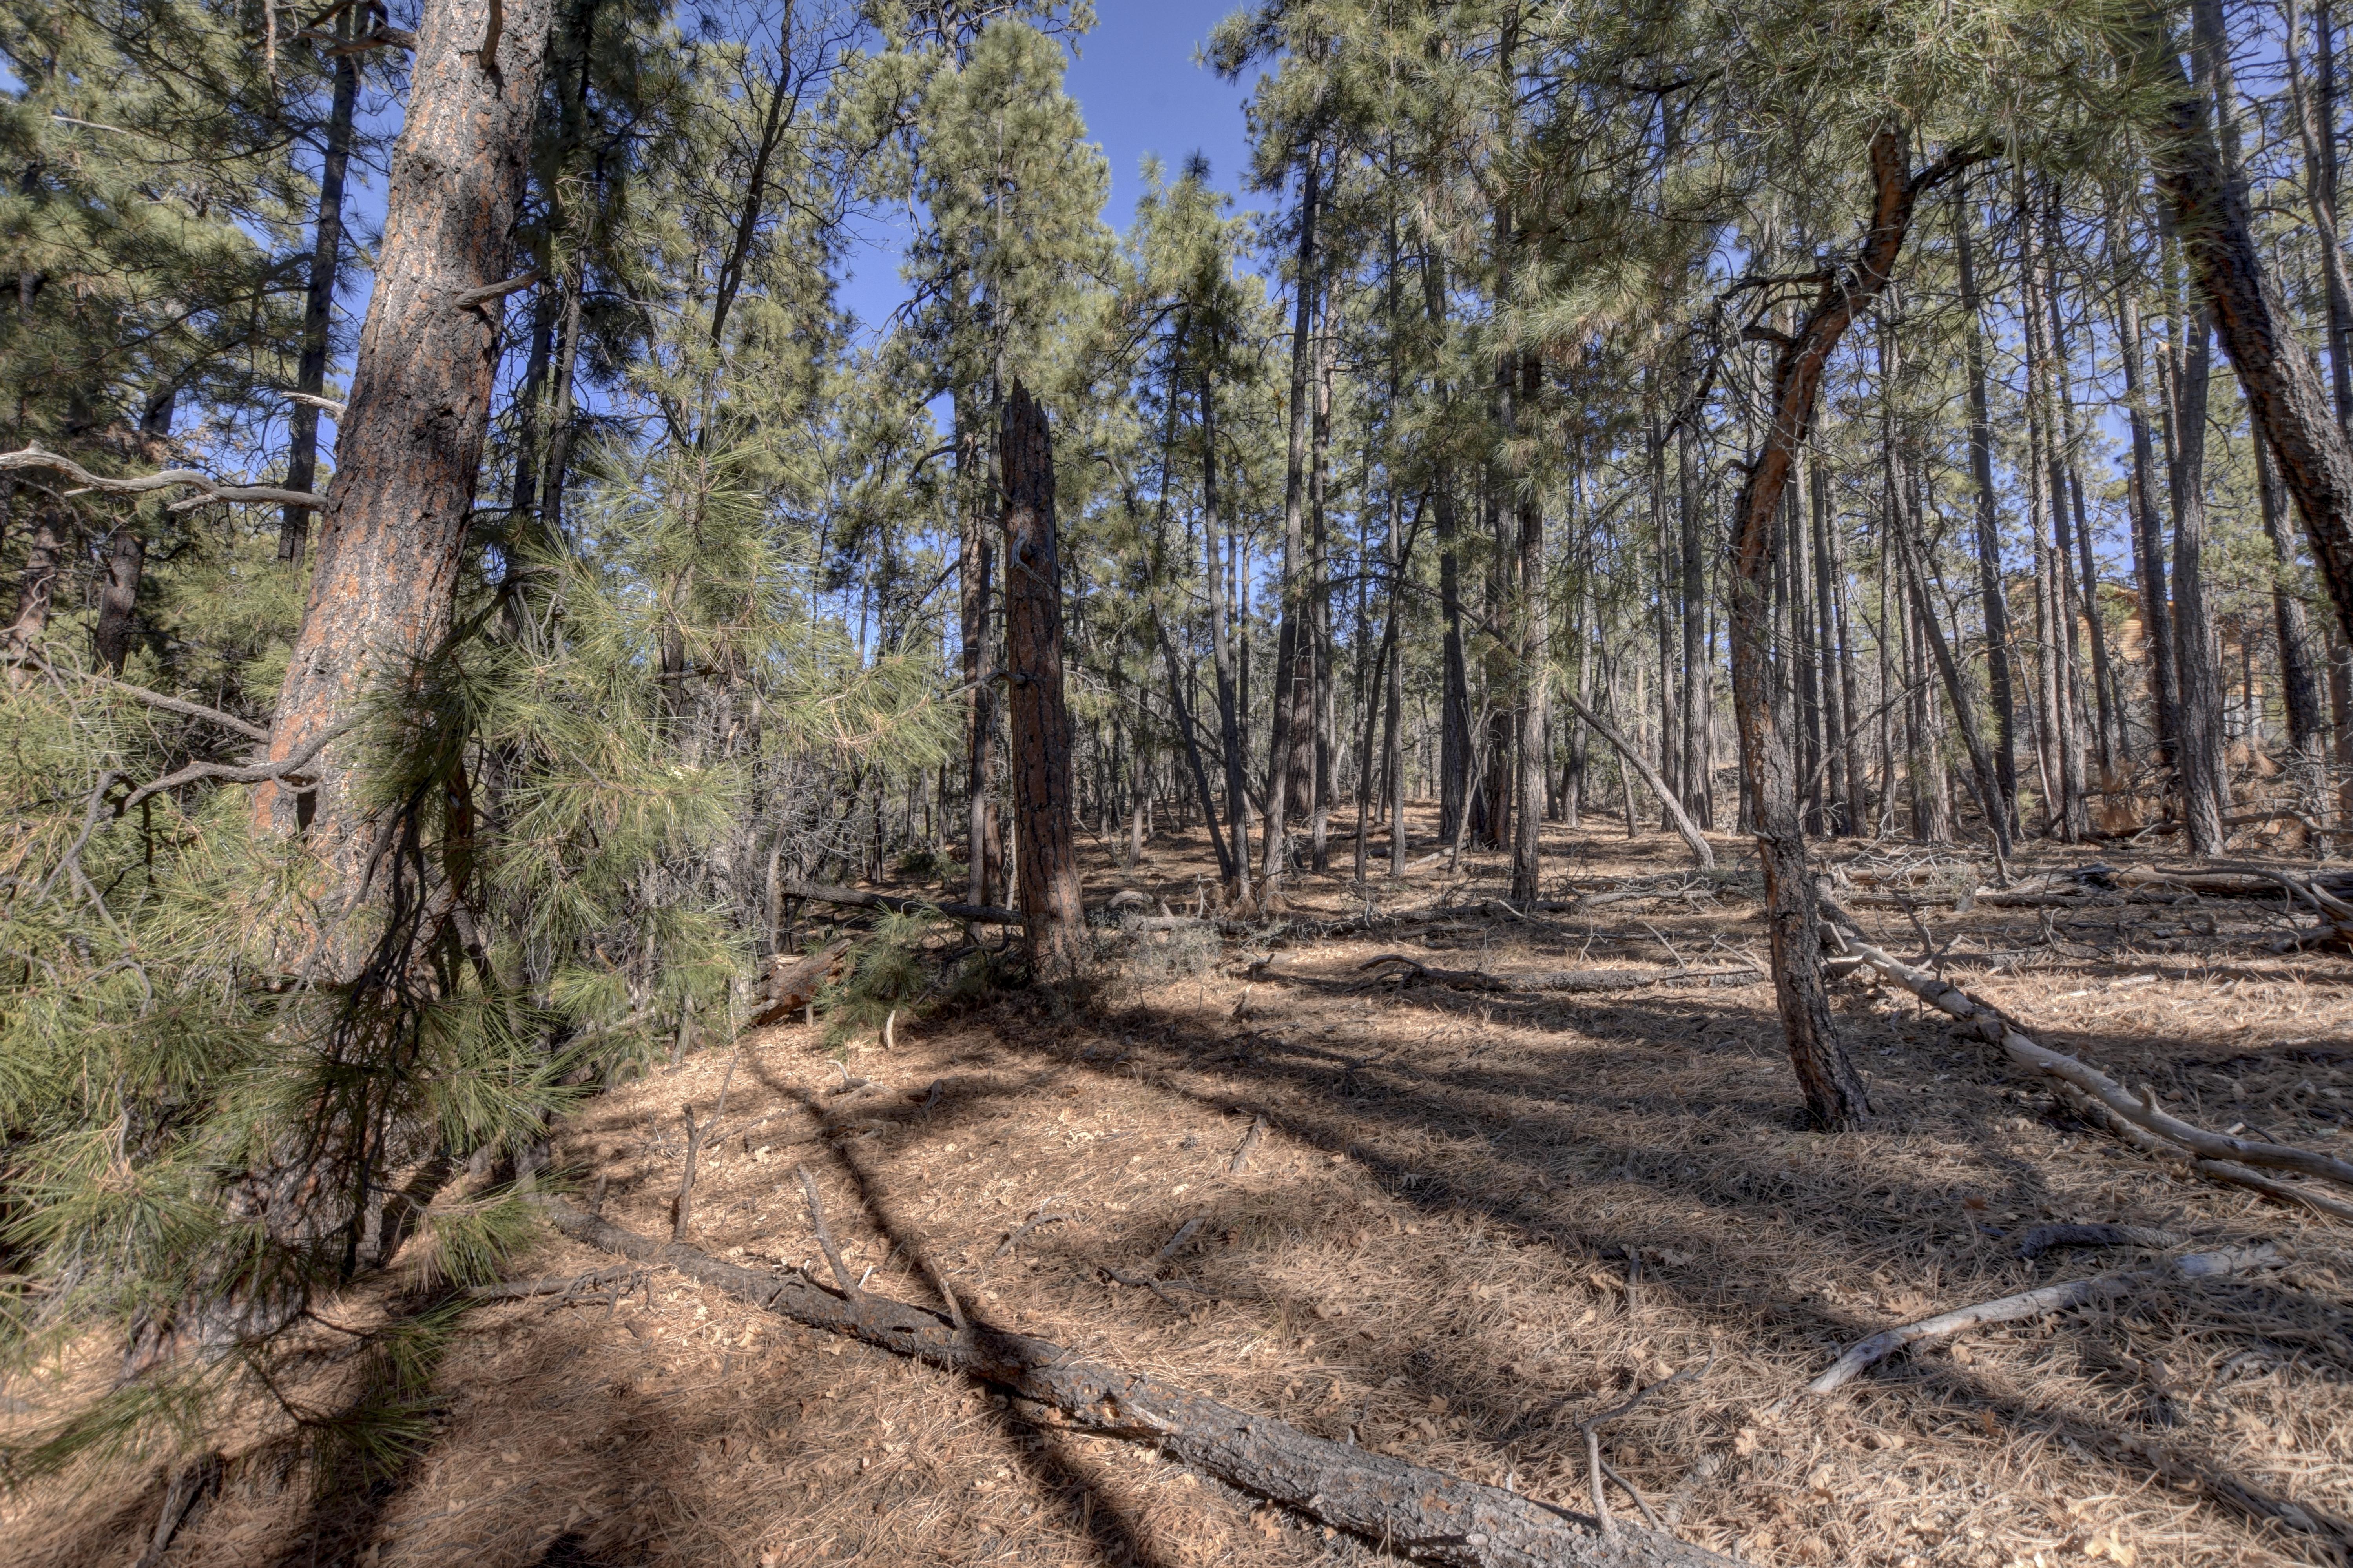 00 Sycamore Road, Prescott, AZ 86303